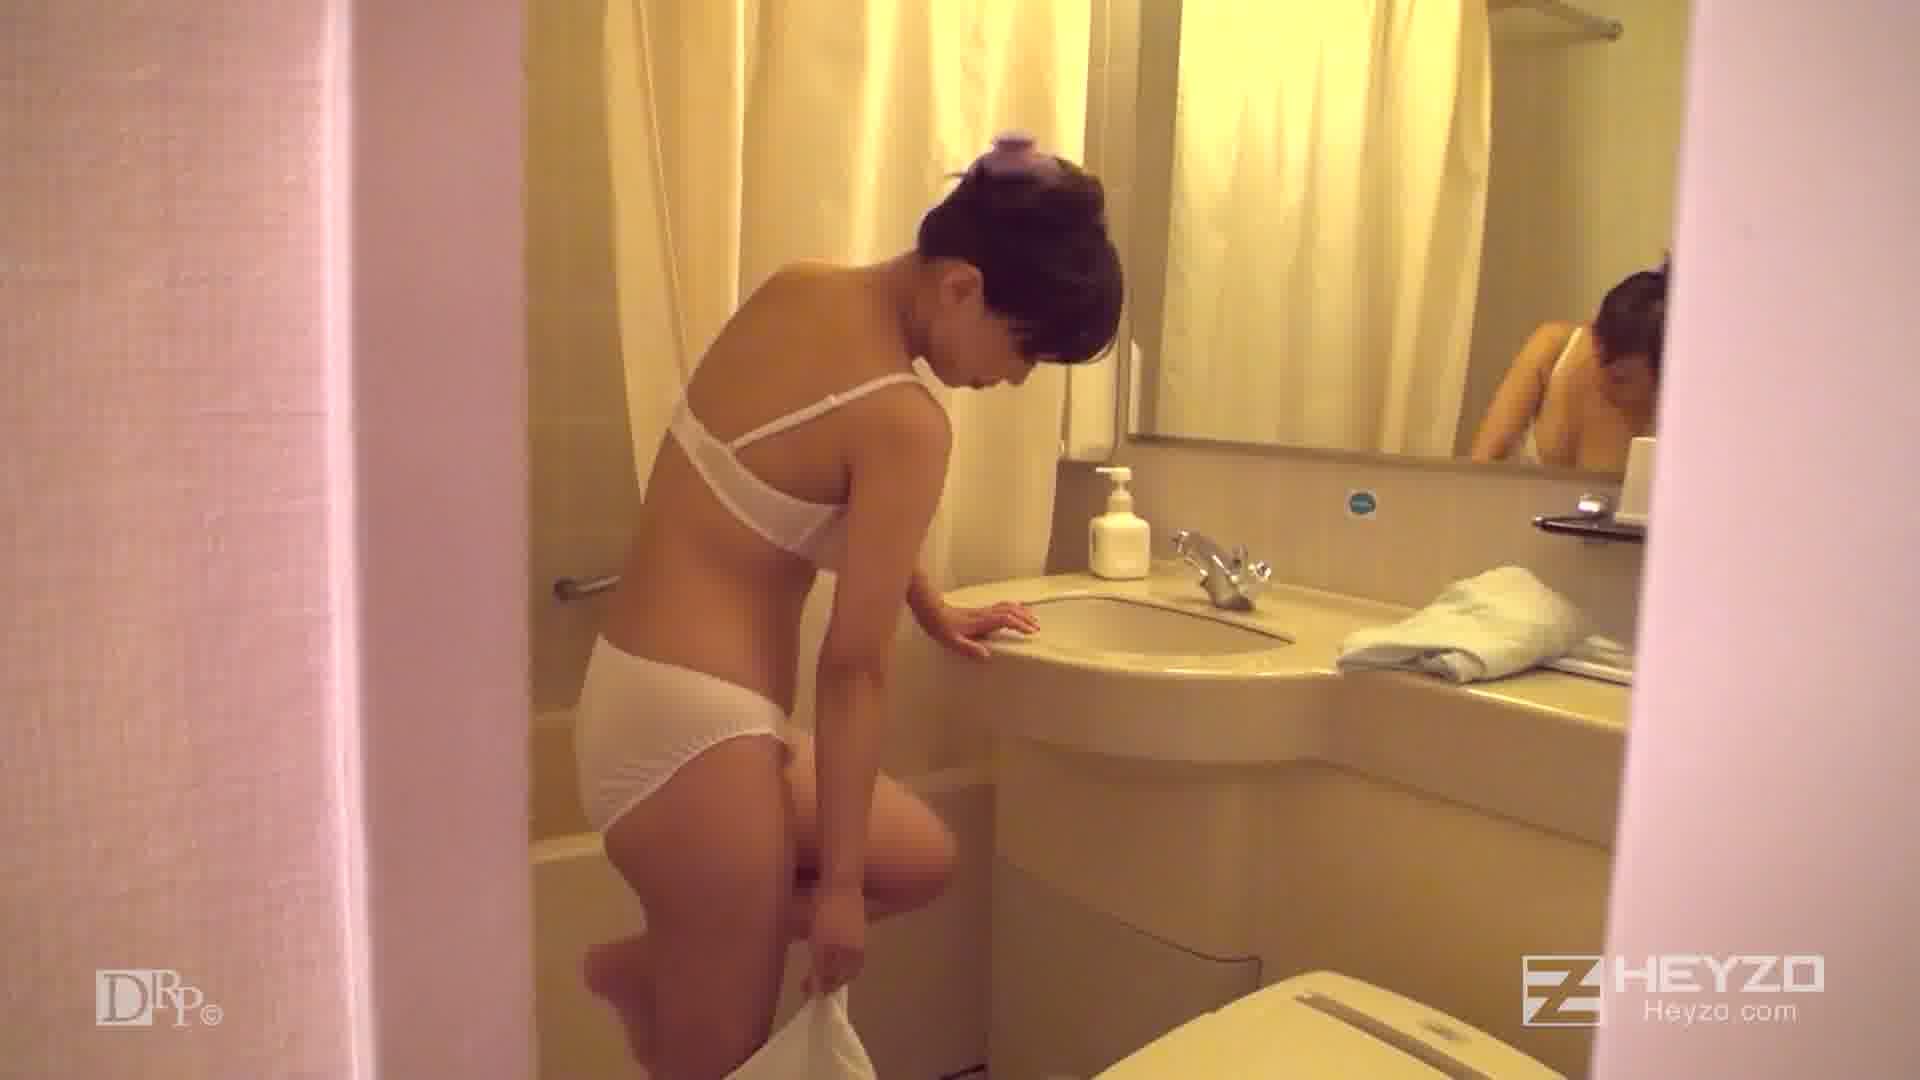 美熟女・汐里さんとぐっちょりセックス~膣年齢ハタチの魔力~ - 溝口汐里【指マン フェラ 口内射精 シャワー】